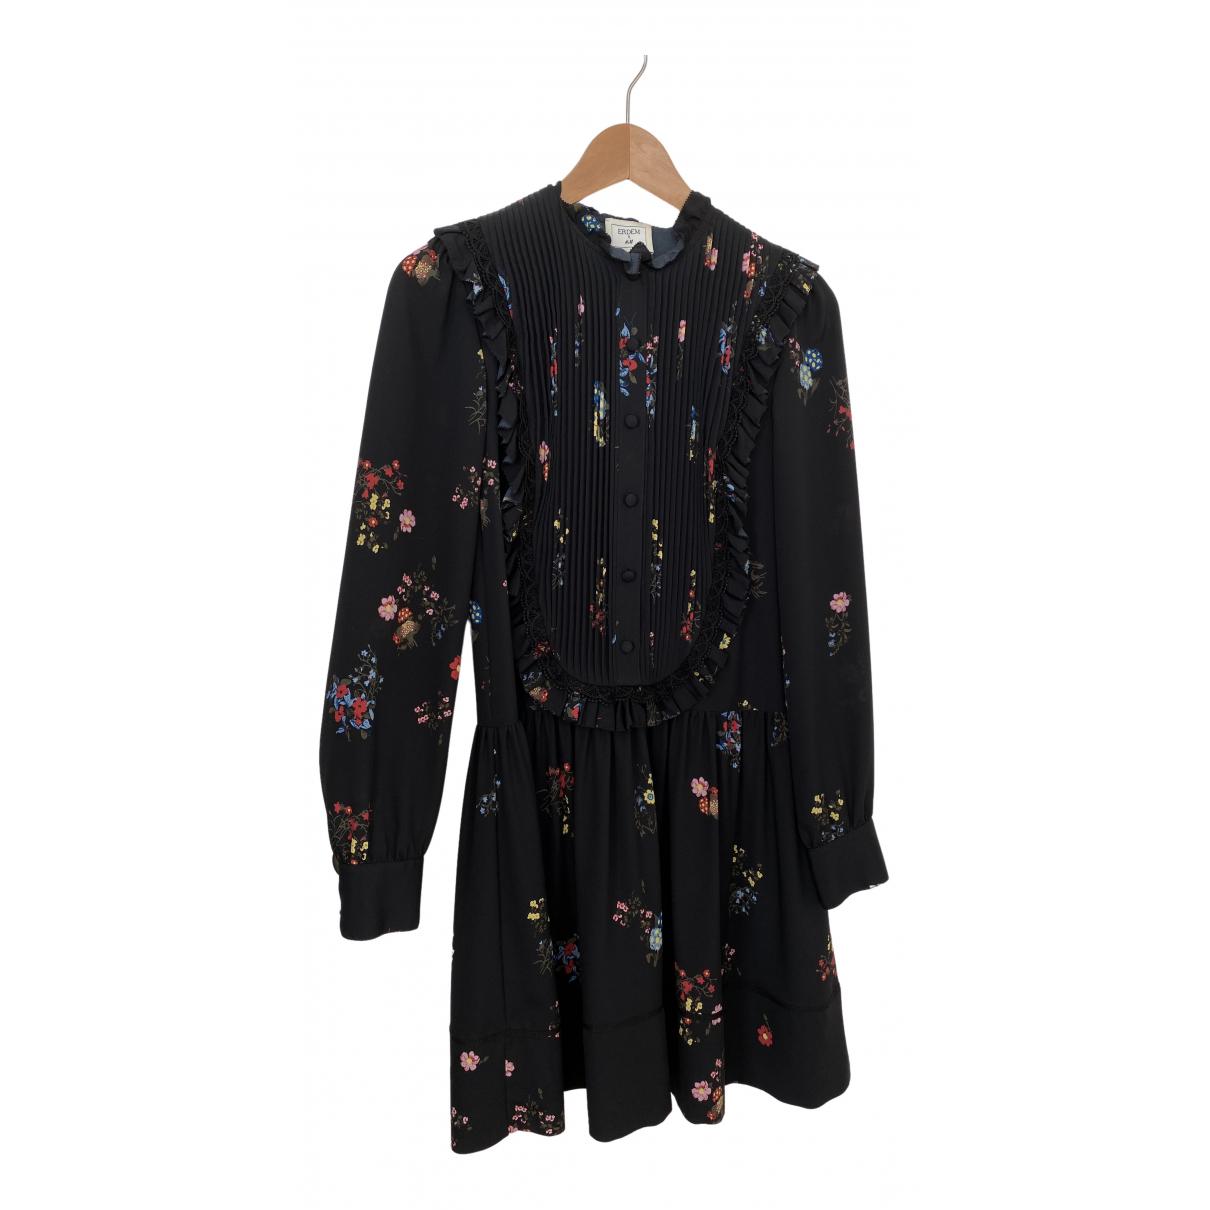 Mini vestido Erdem X H&m